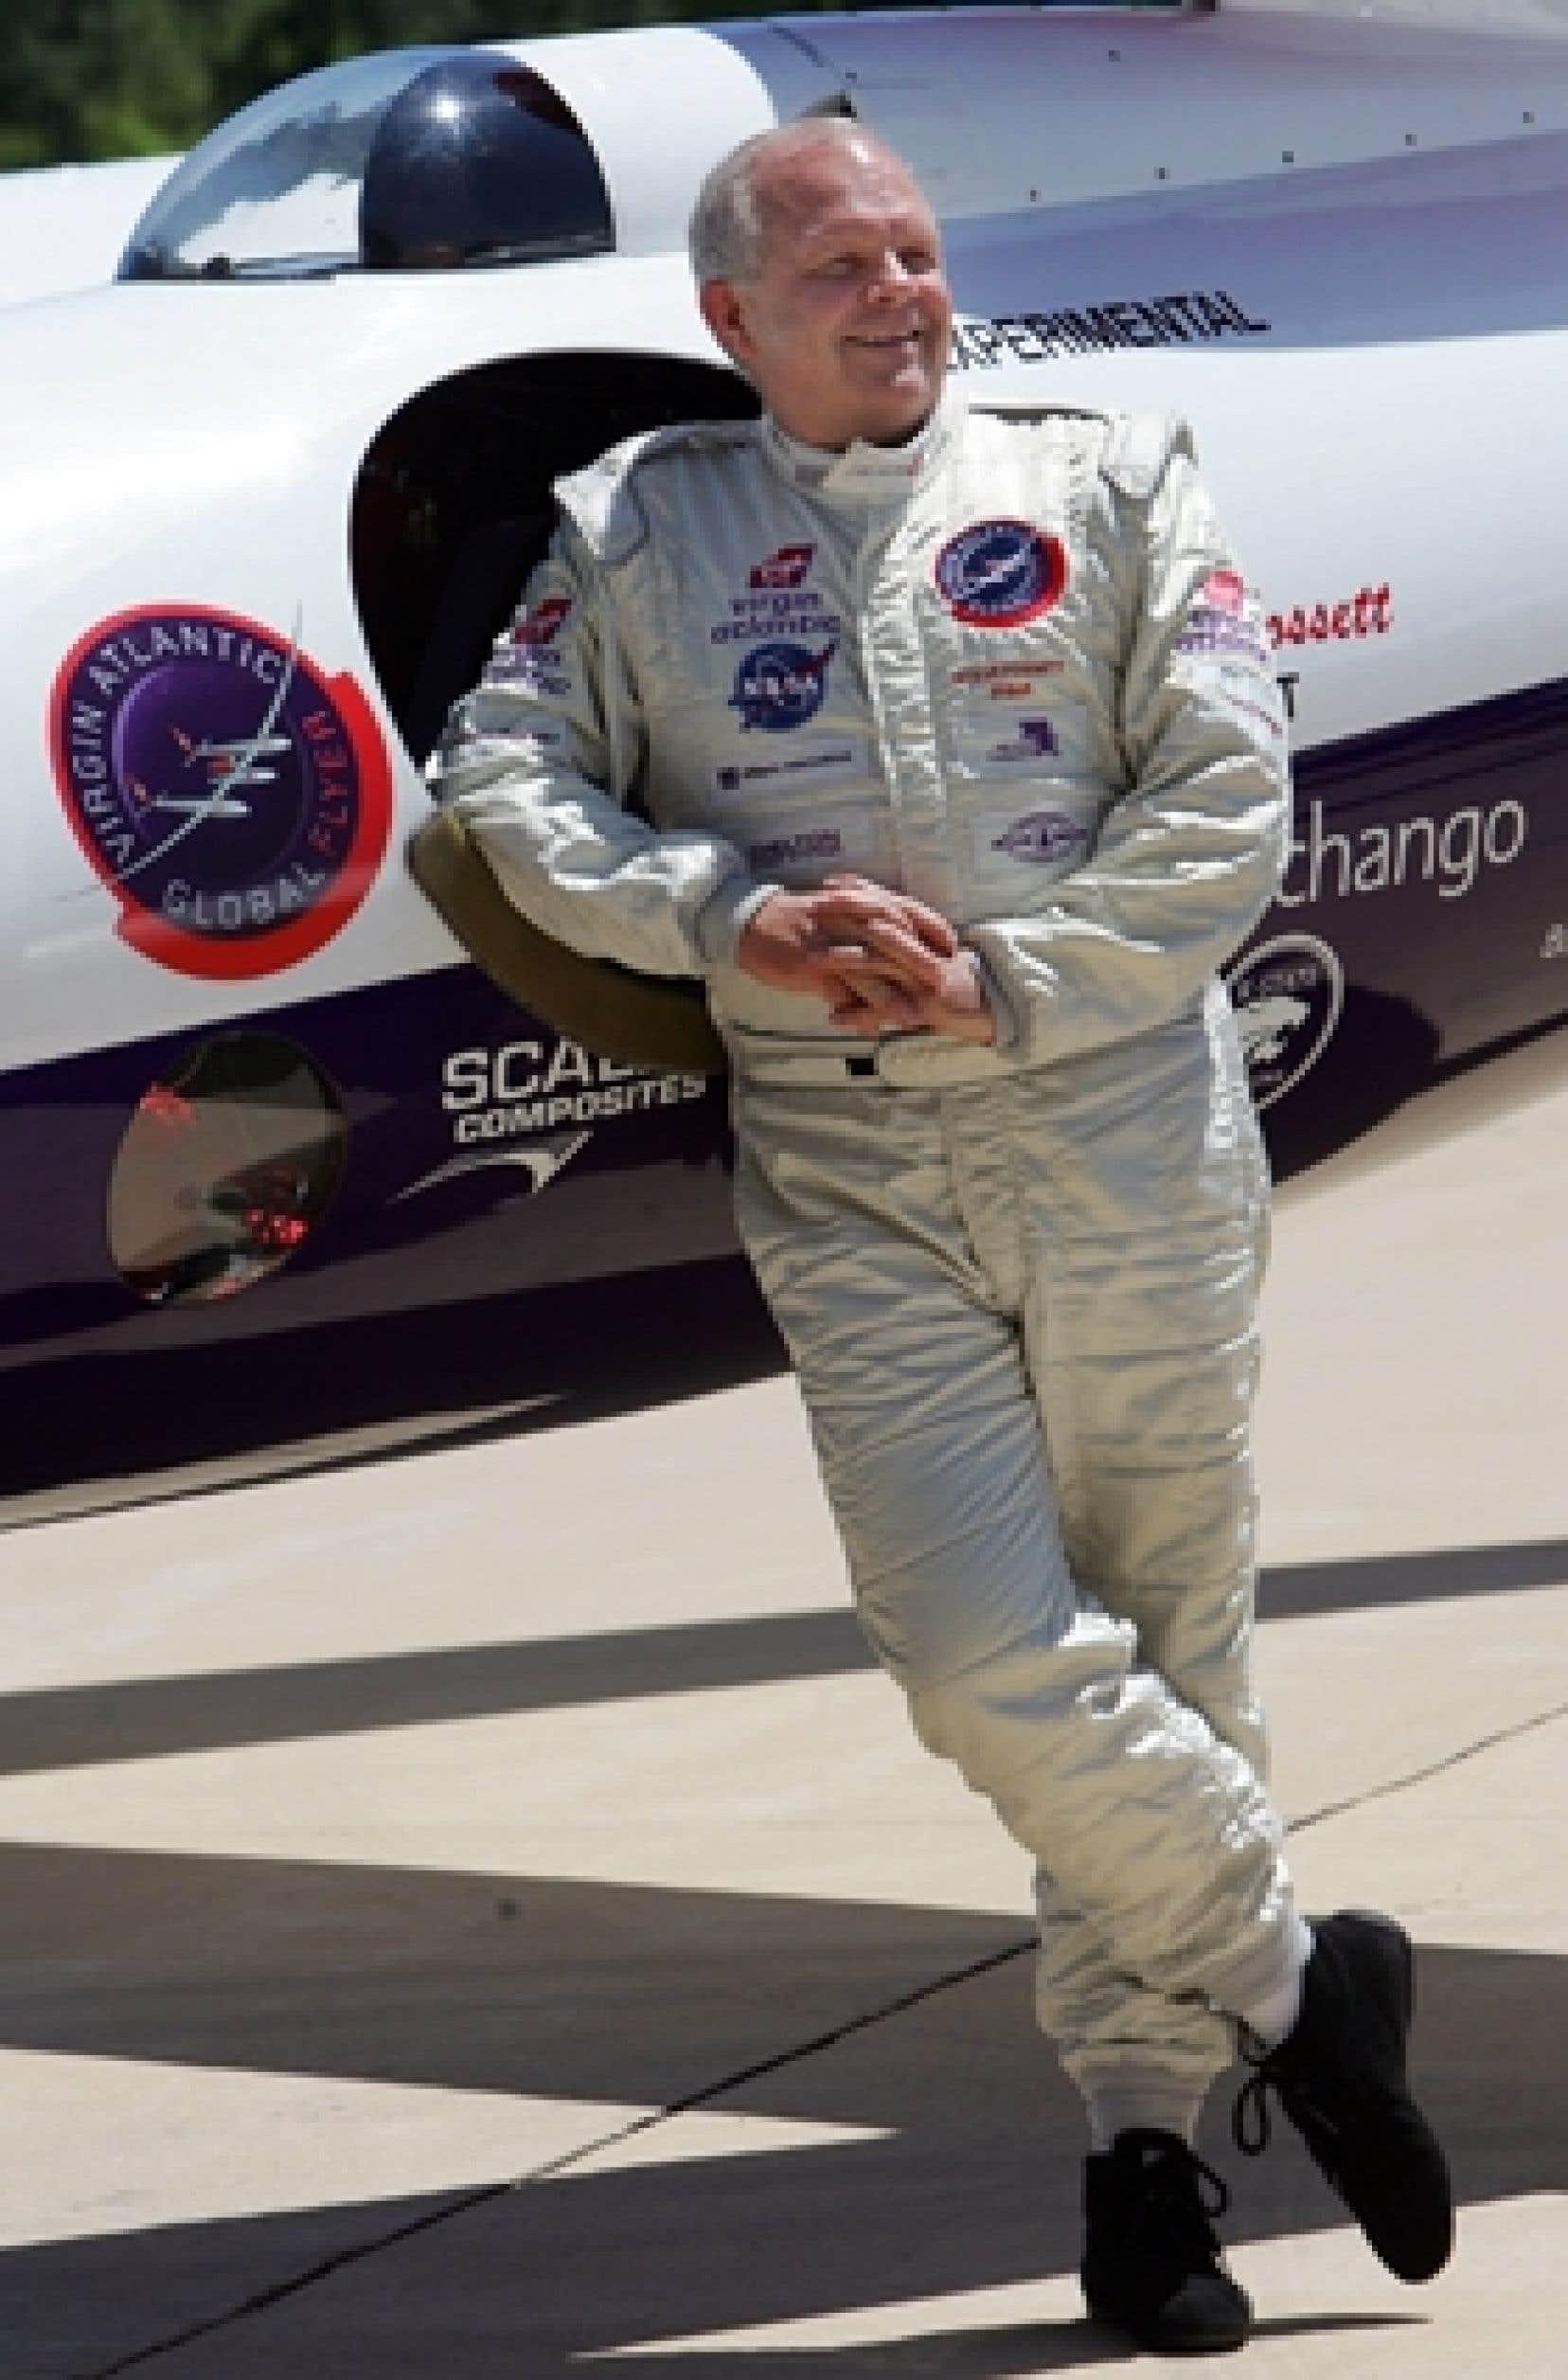 Âgé de 63 ans, Steve Fossett, qui avait réalisé de nombreux exploits en bateau, en avion et en ballon, a disparu le 3 septembre 2007.